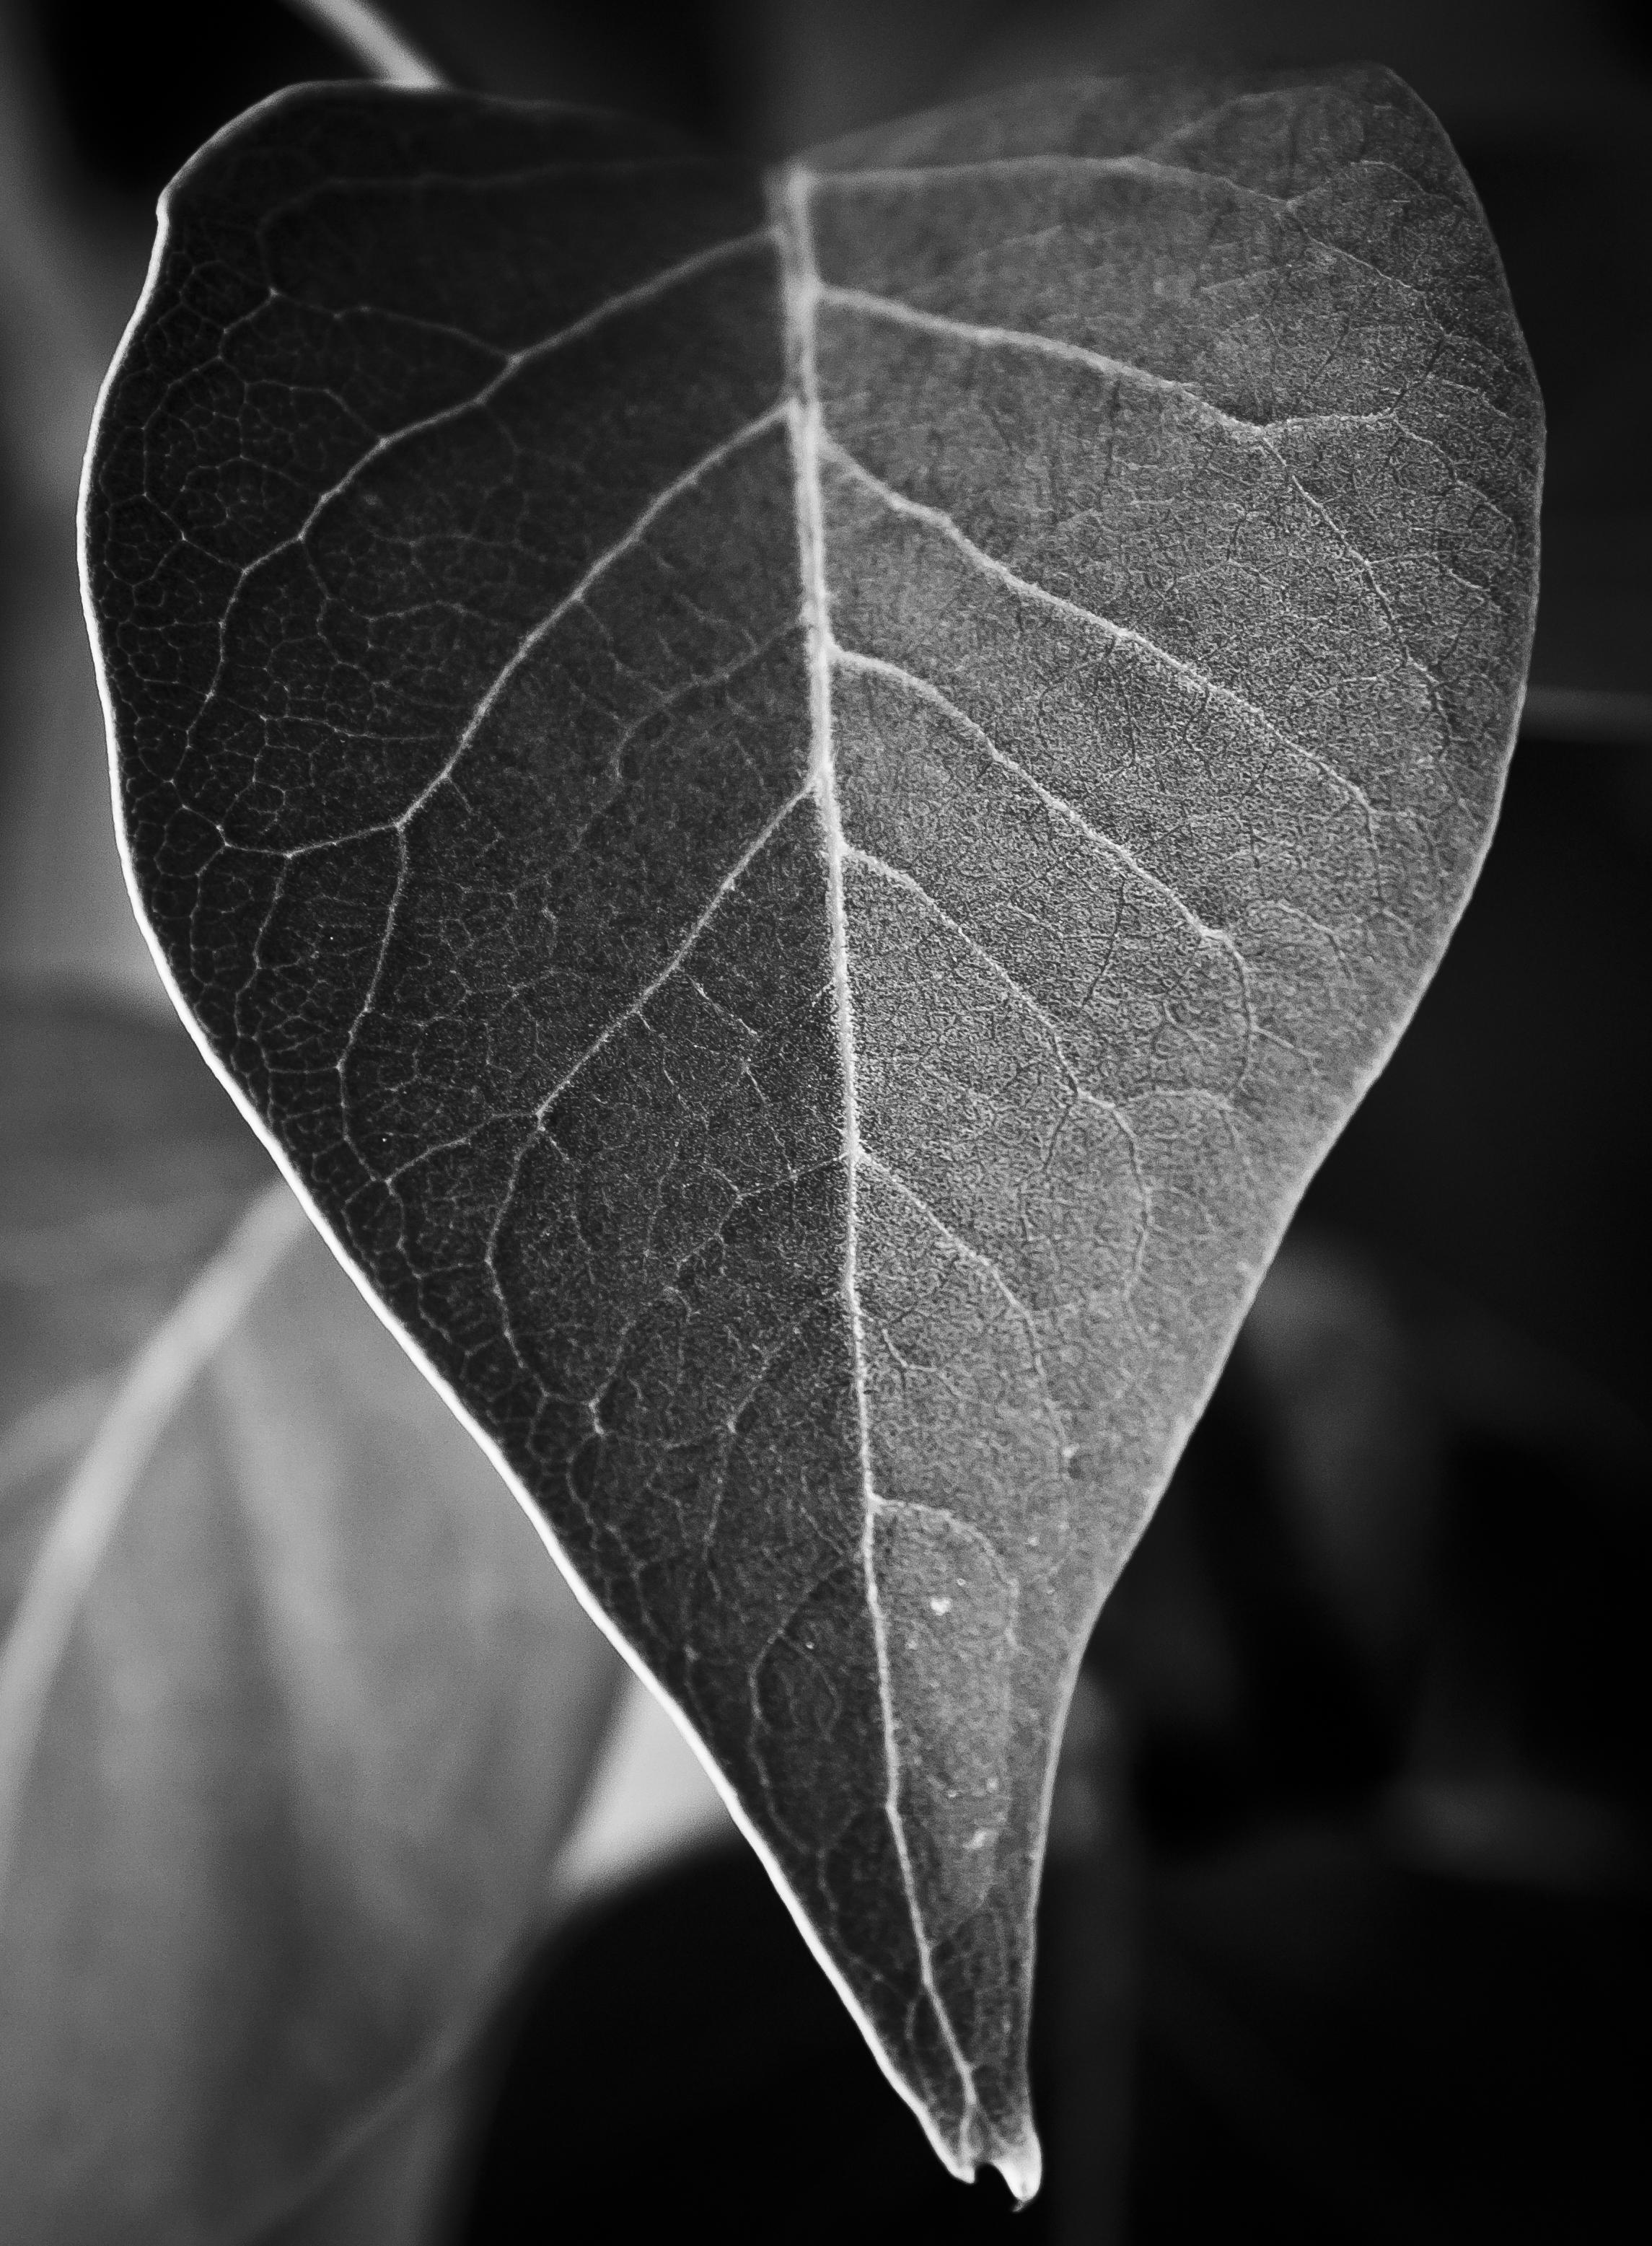 Black and white leaf photo